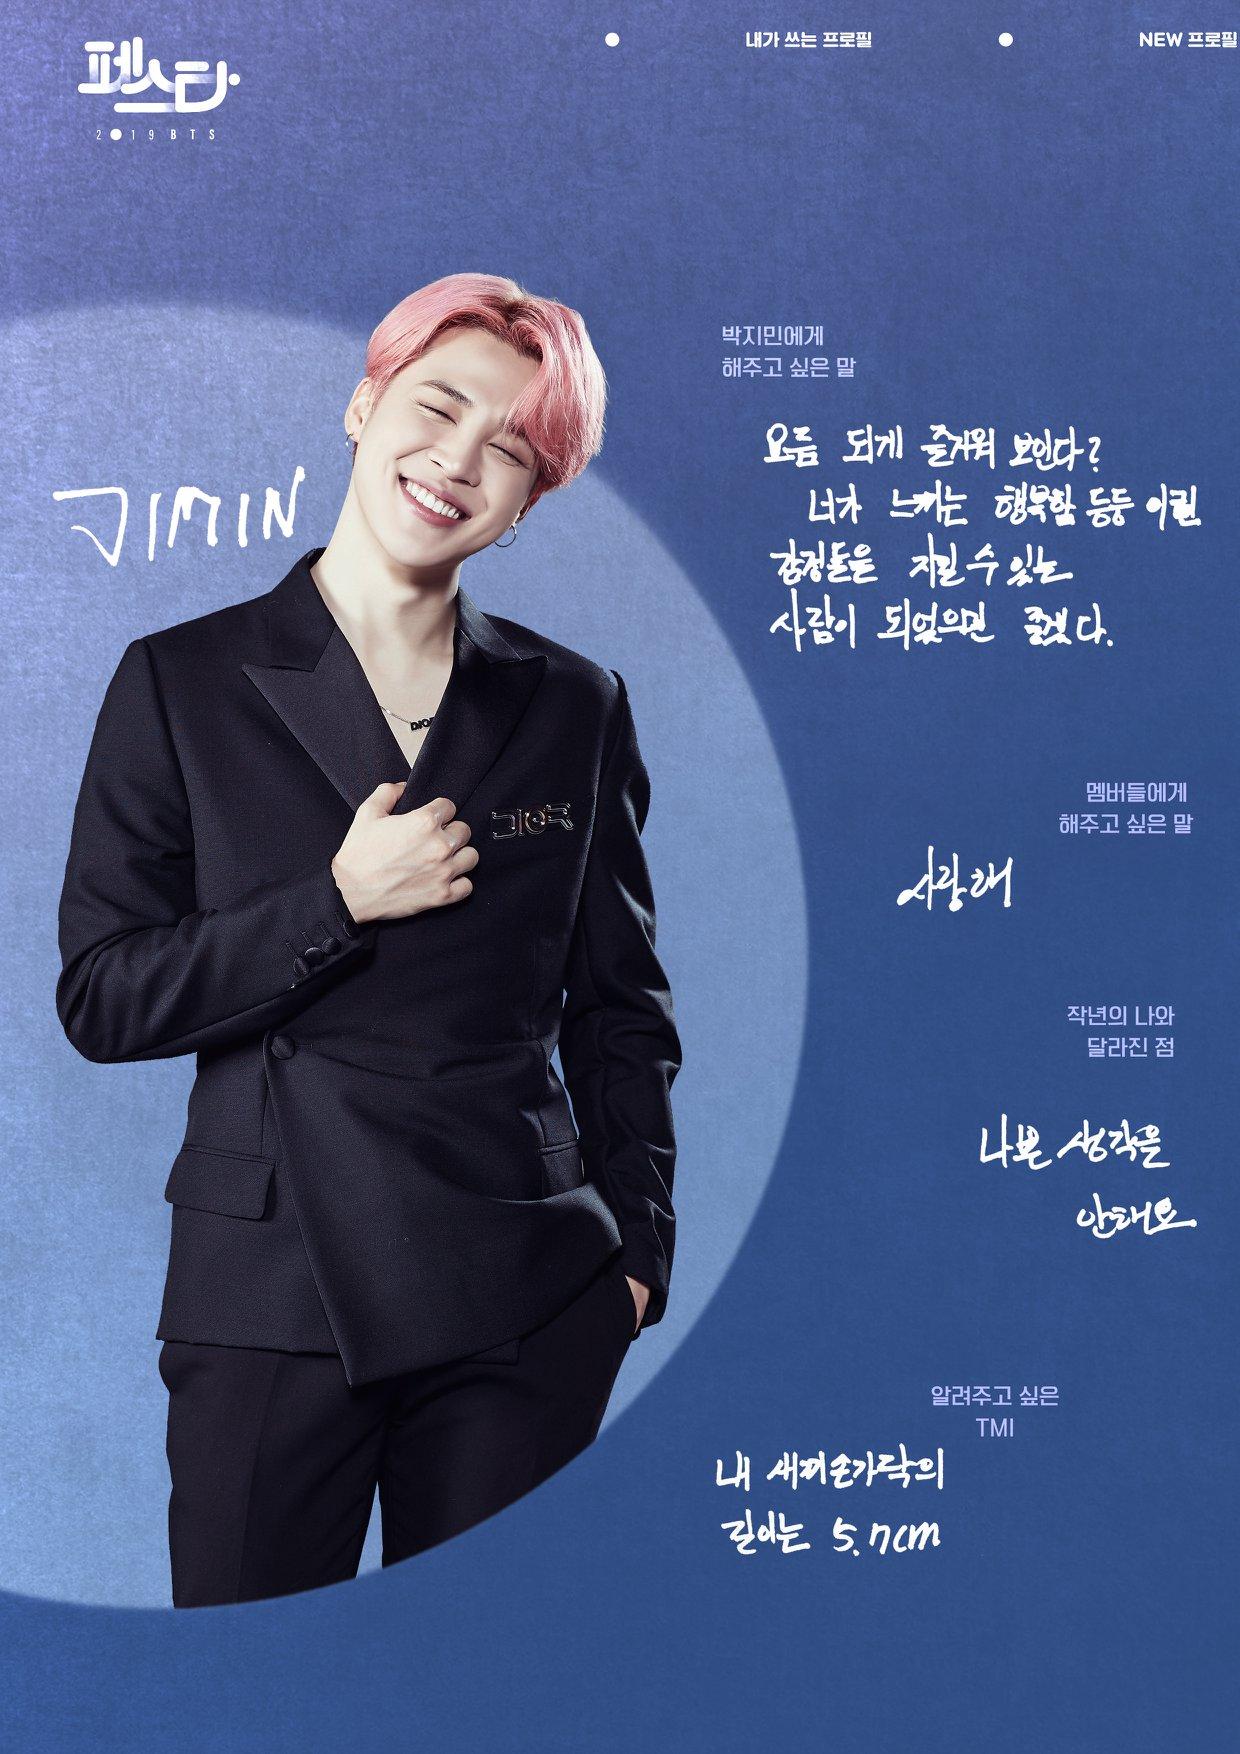 BTS Jimin Profile 2019